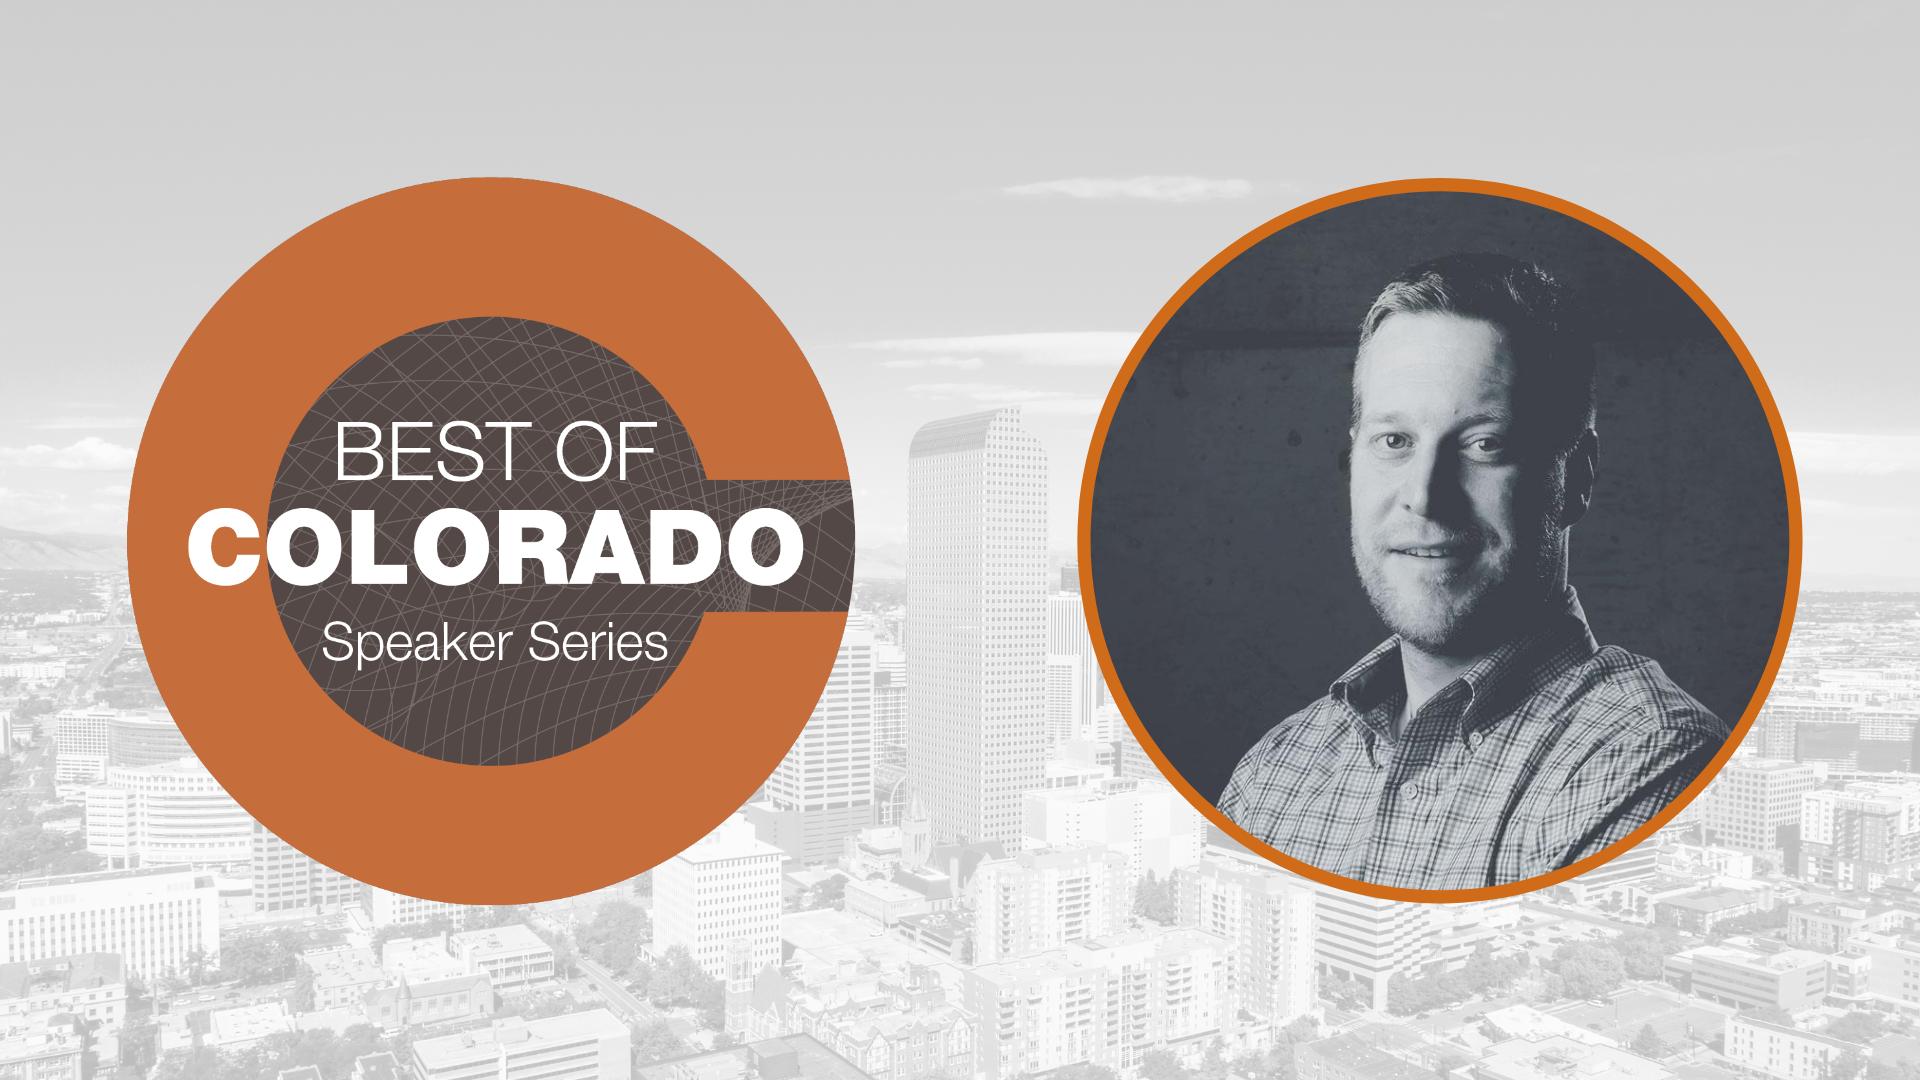 Best of Colorado Bret Fund